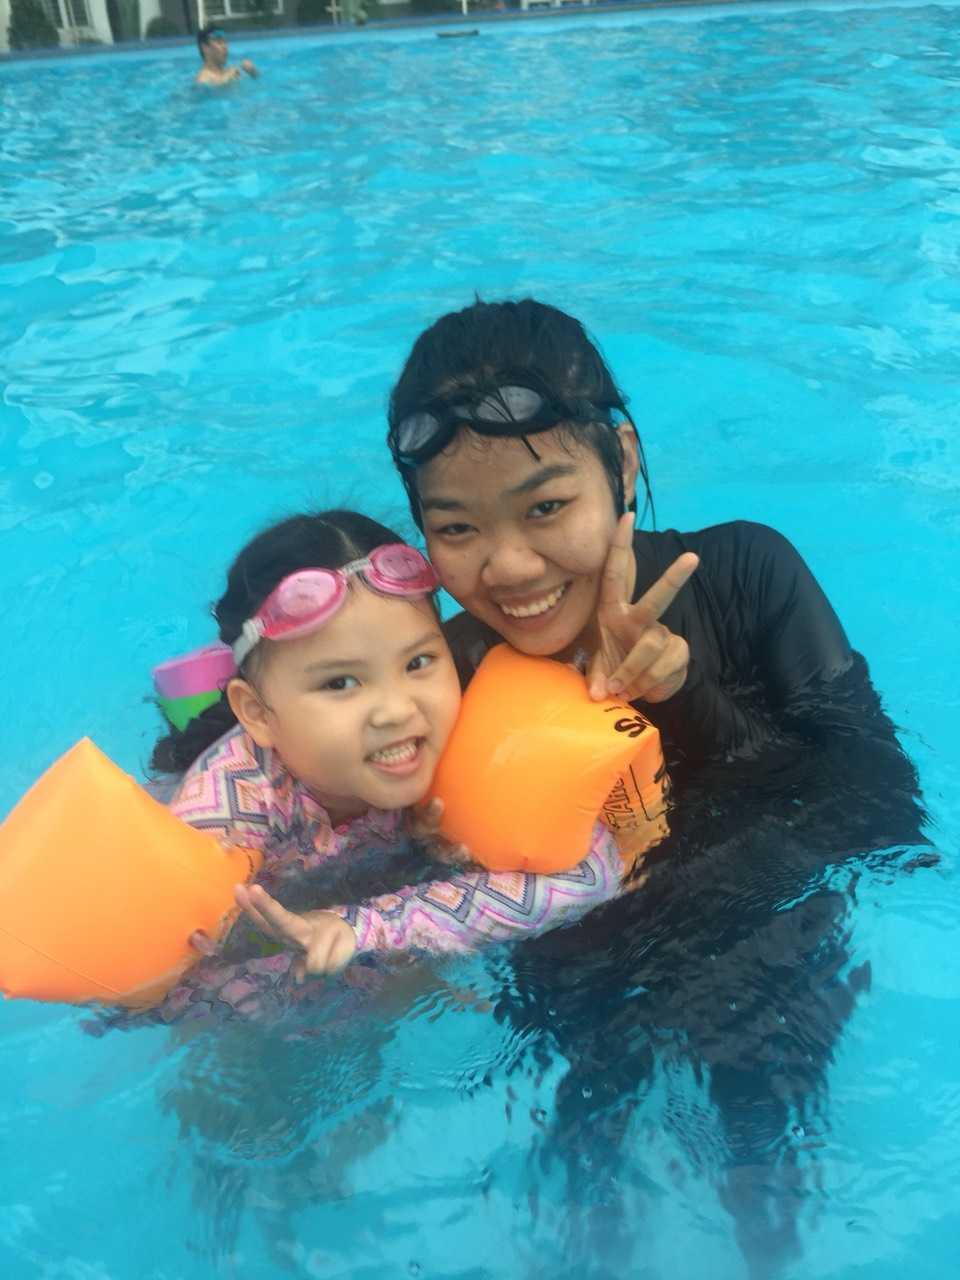 Trung Tâm dạy bơi Việt Nam - Lớp học bơi quận 11